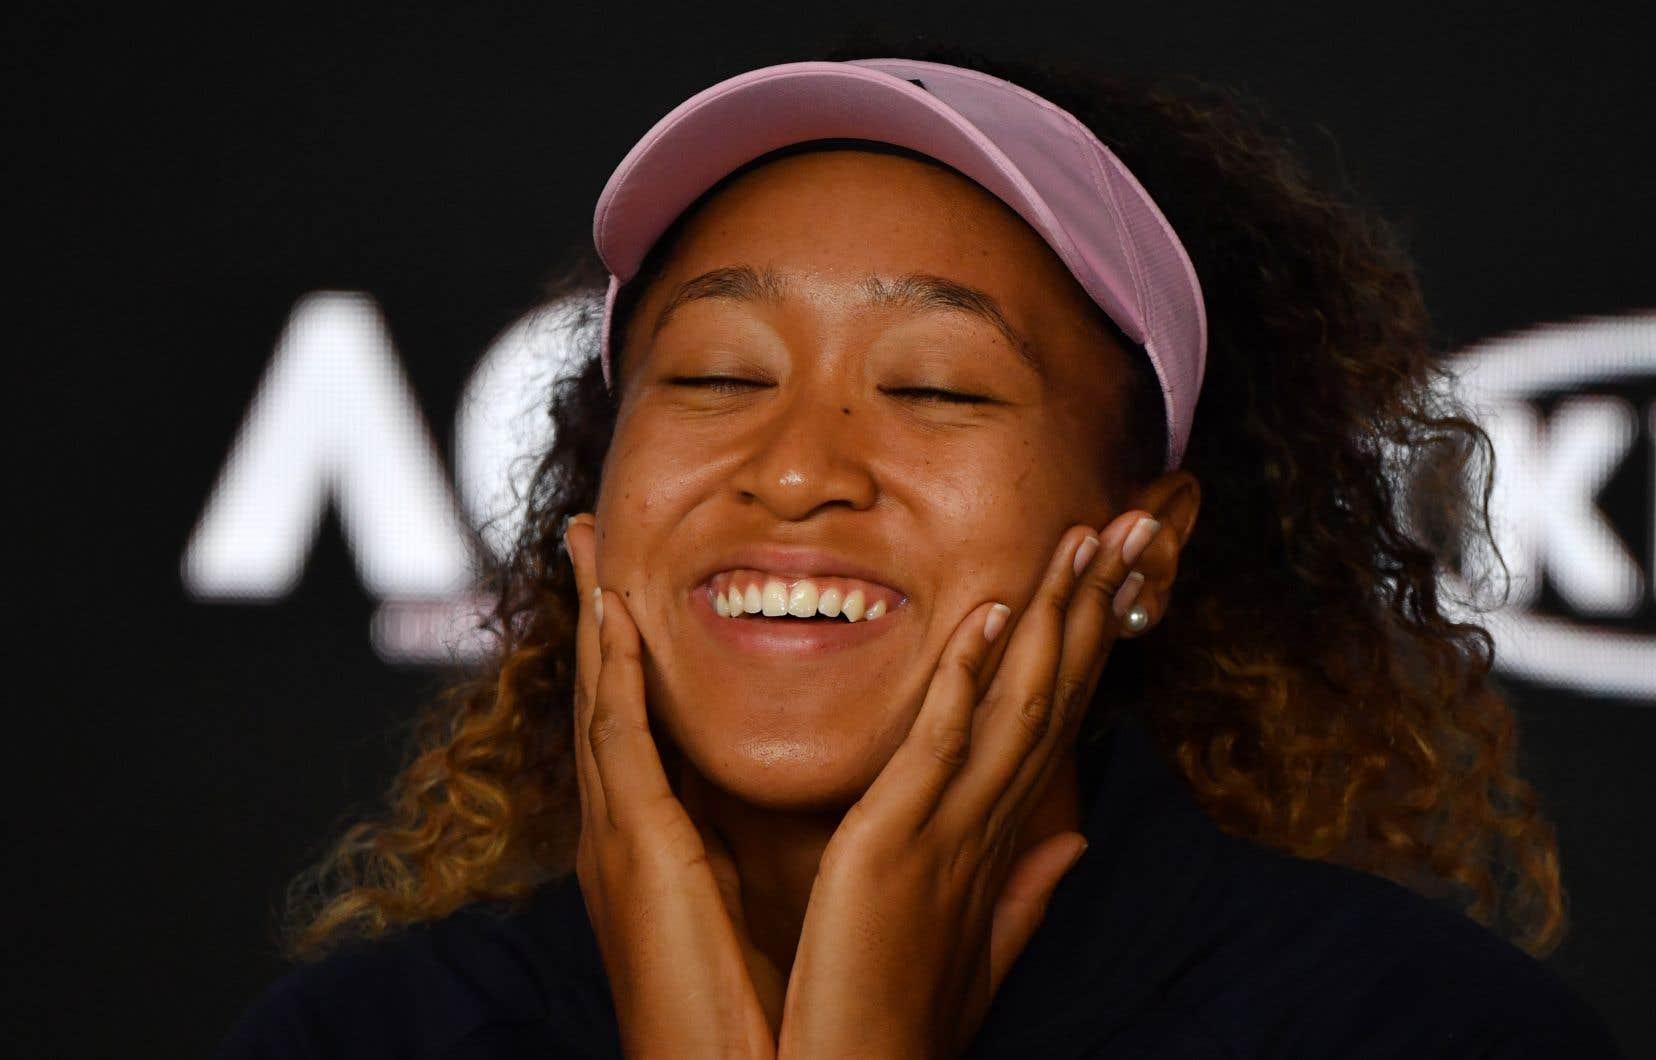 Âgée de 21ans, Osaka devient la première joueuse de tennis originaire du Japon à grimper au premier rang du classement de la WTA.